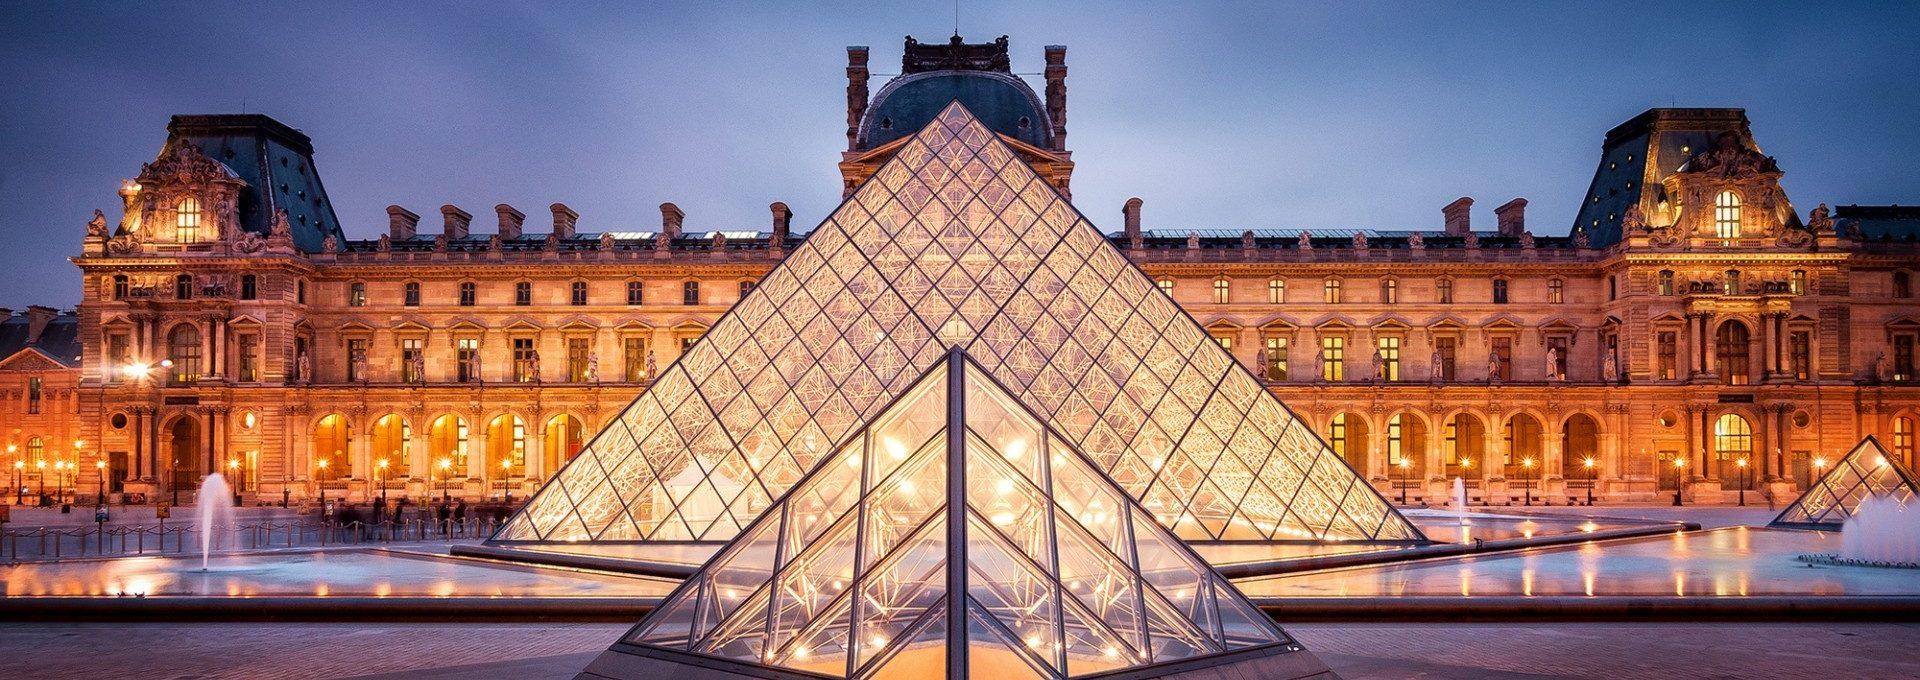 maison et objet 2018 10 Razones Para Visitar París Más Allá De Maison Et Objet 2018 louvre museum 1920x680